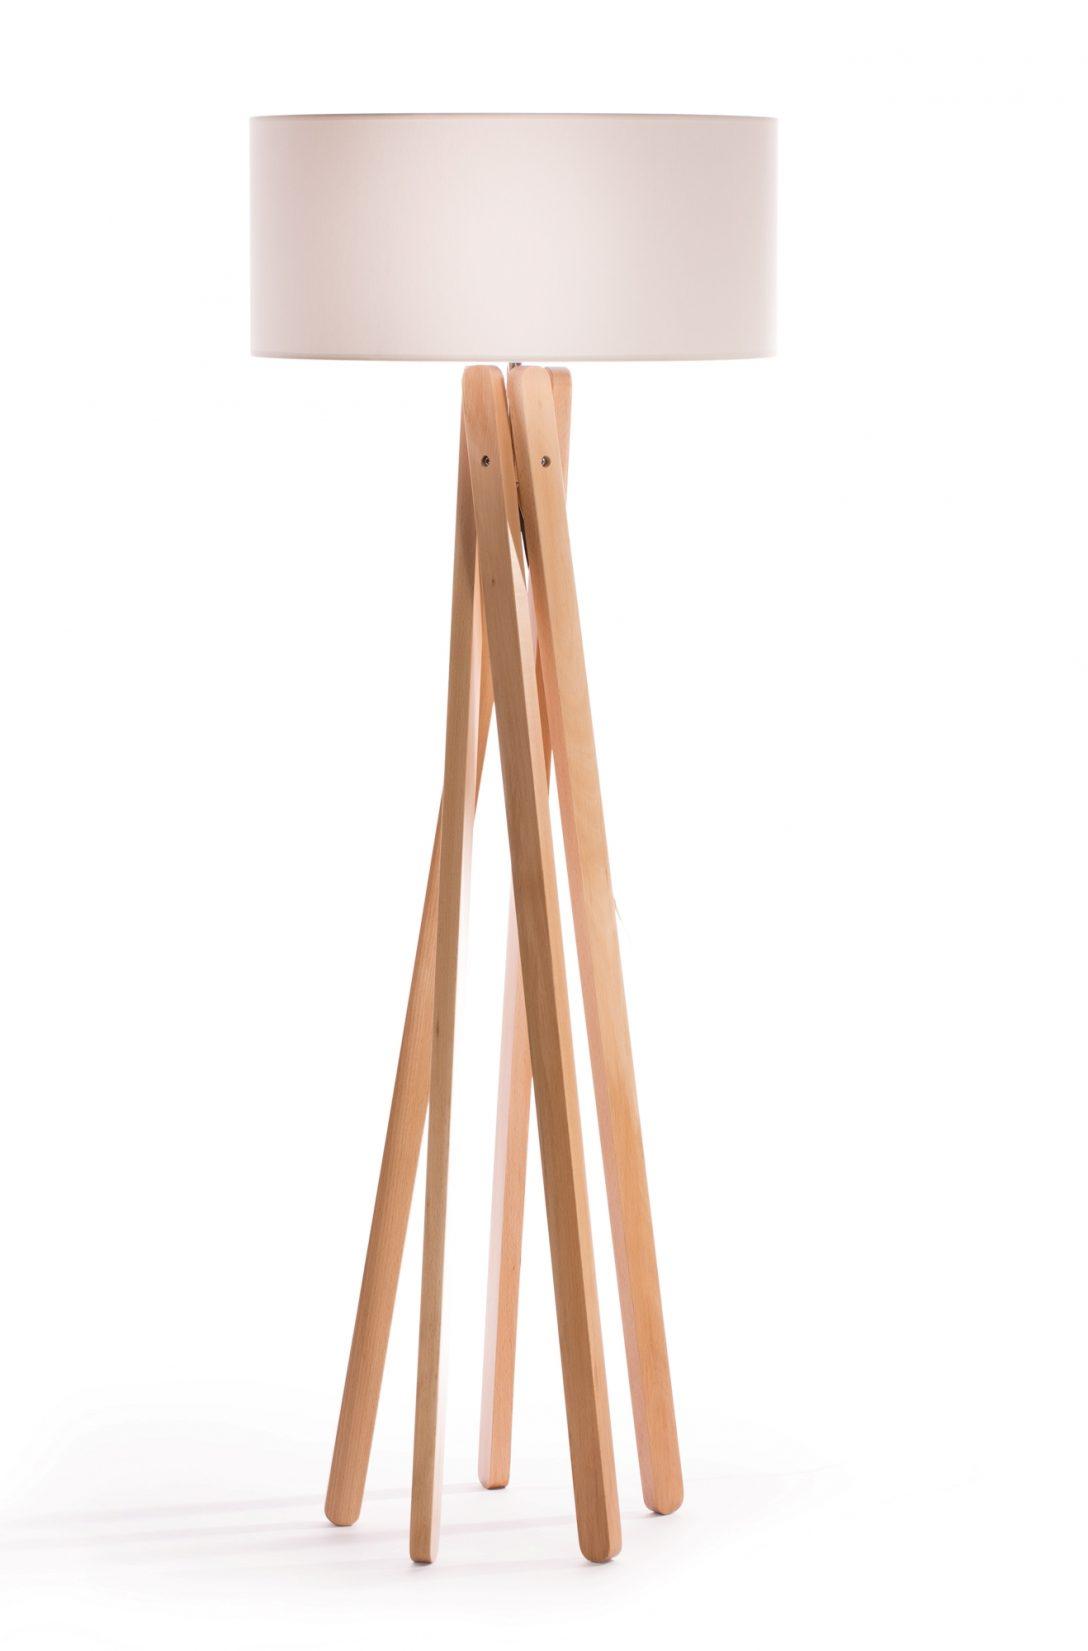 Full Size of Stehlampe Wohnzimmer Dimmbar Stehlampen Led Geeignet Lampen Deckenlampen Fototapete Gardinen Für Wandtattoos Schrankwand Teppich Deckenlampe Vorhänge Wohnzimmer Stehlampe Wohnzimmer Dimmbar